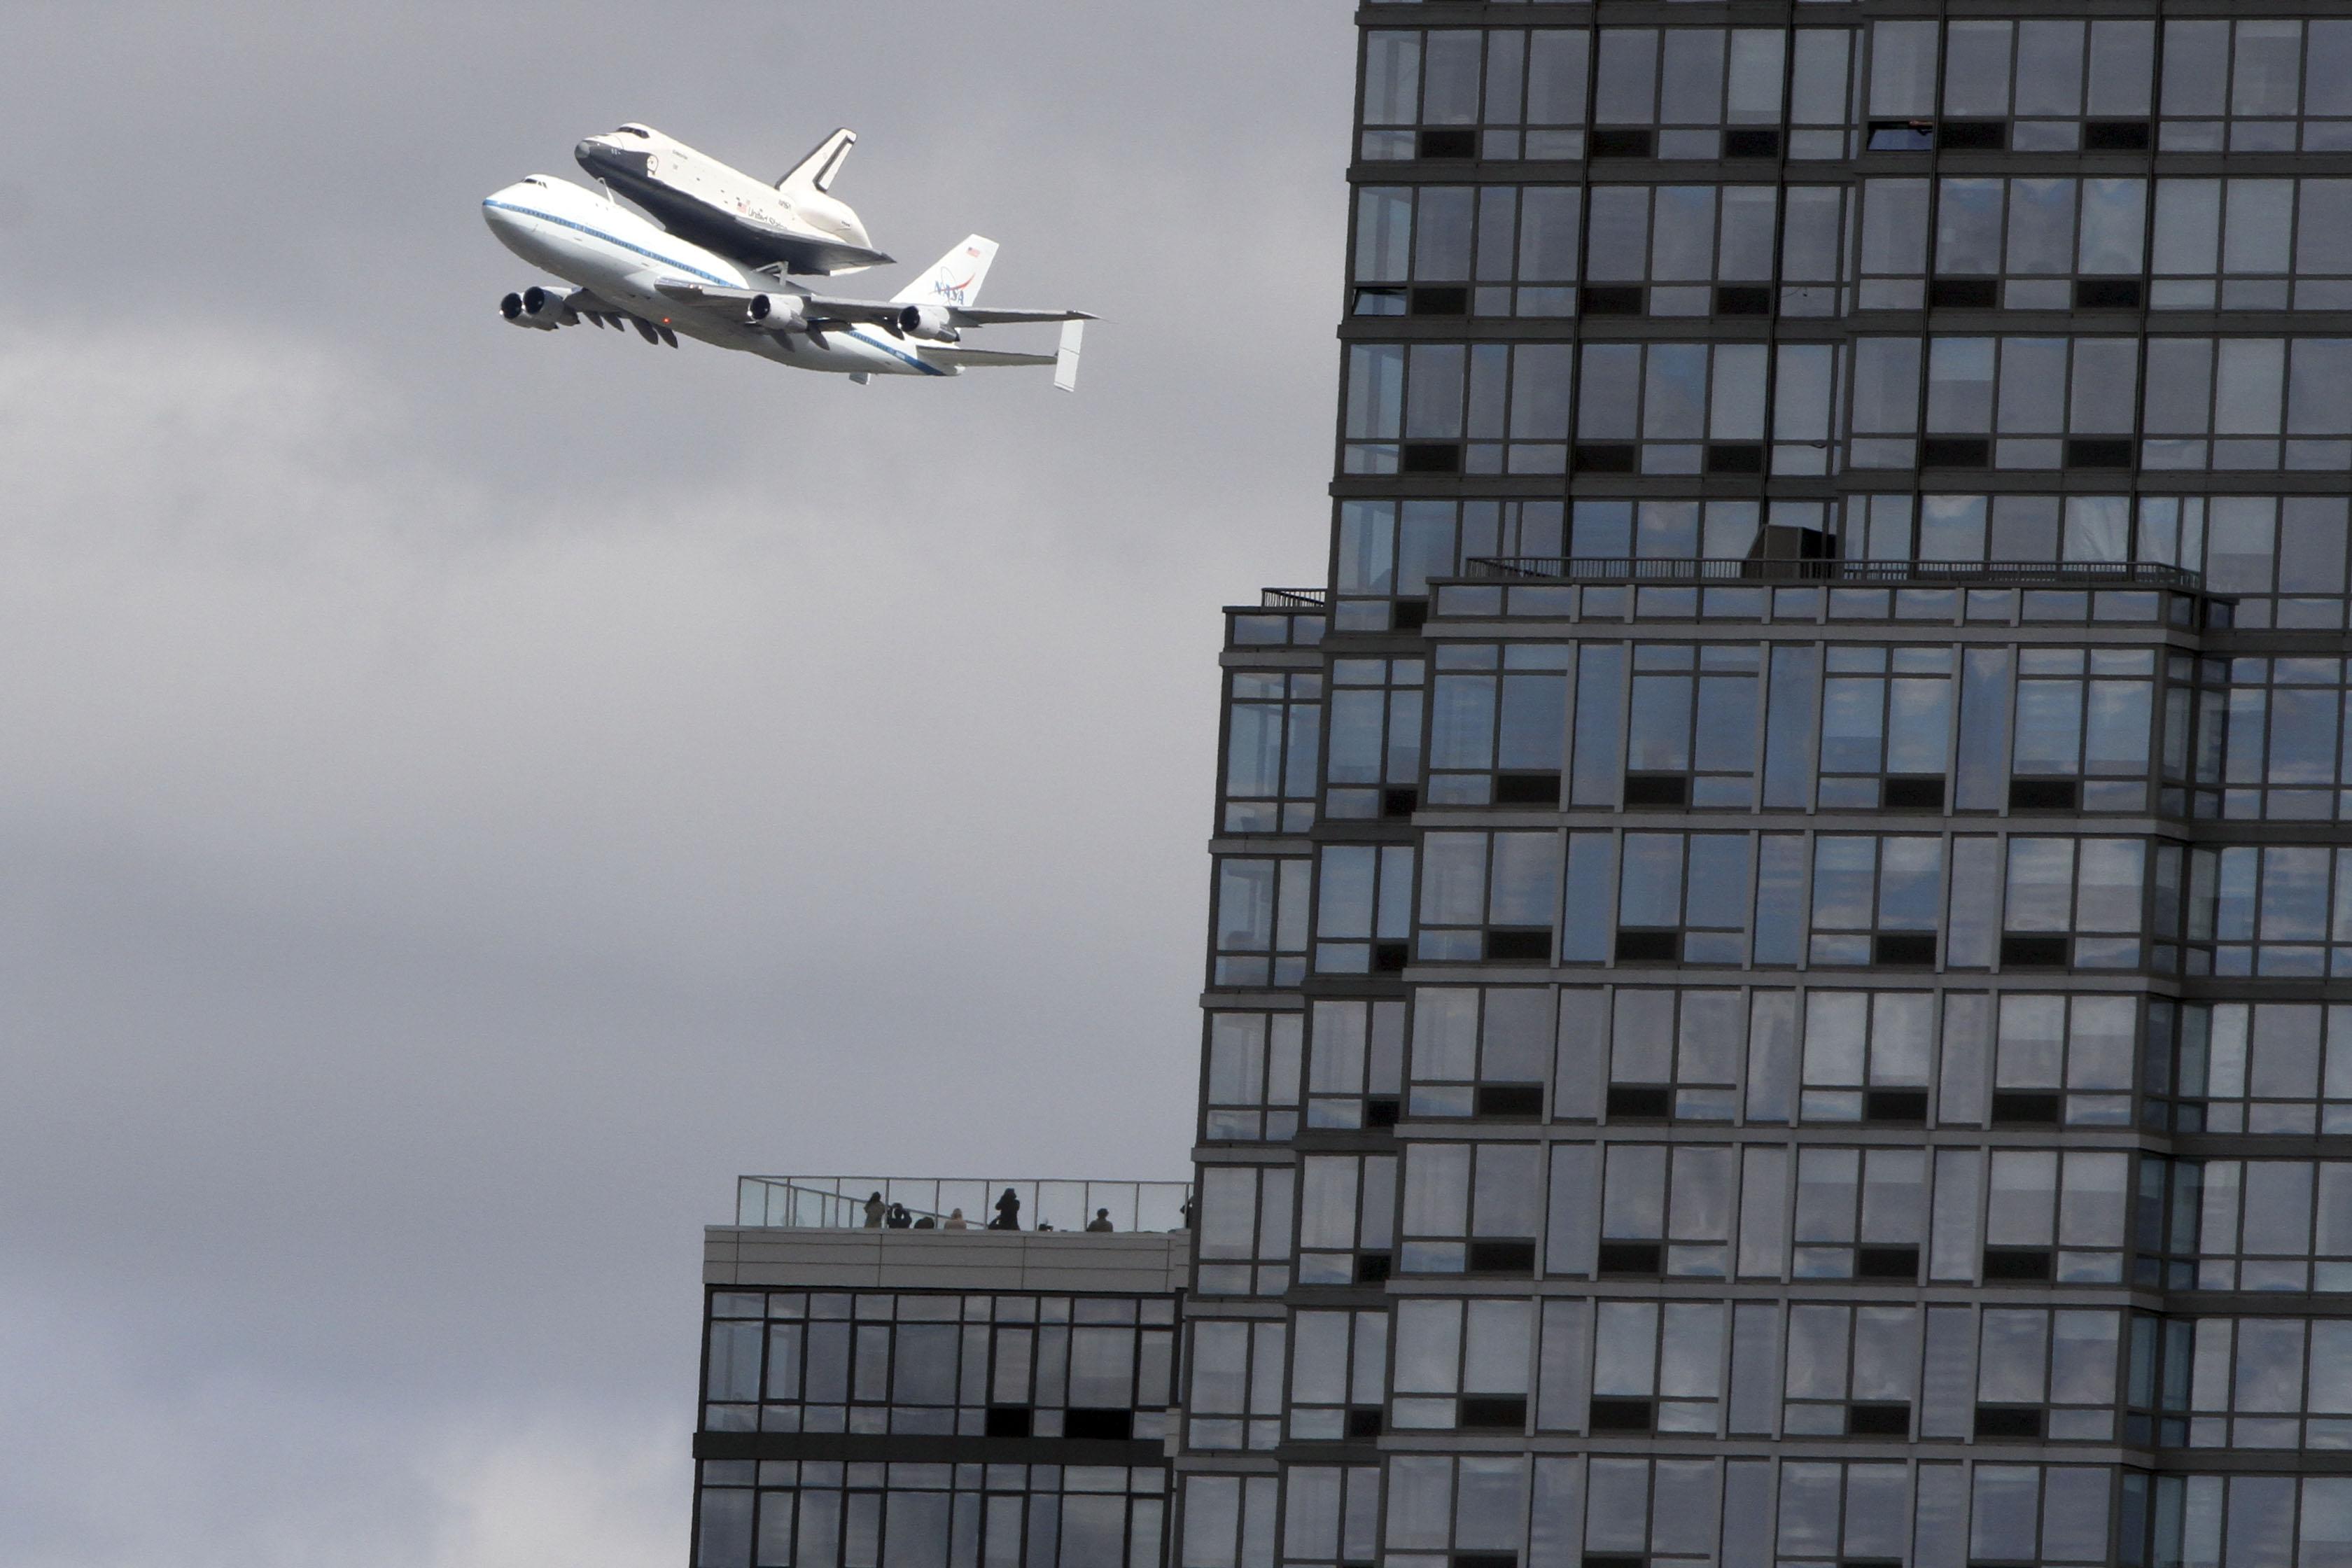 New York - Space Shuttle Enterprise Arrives At NY's JFK